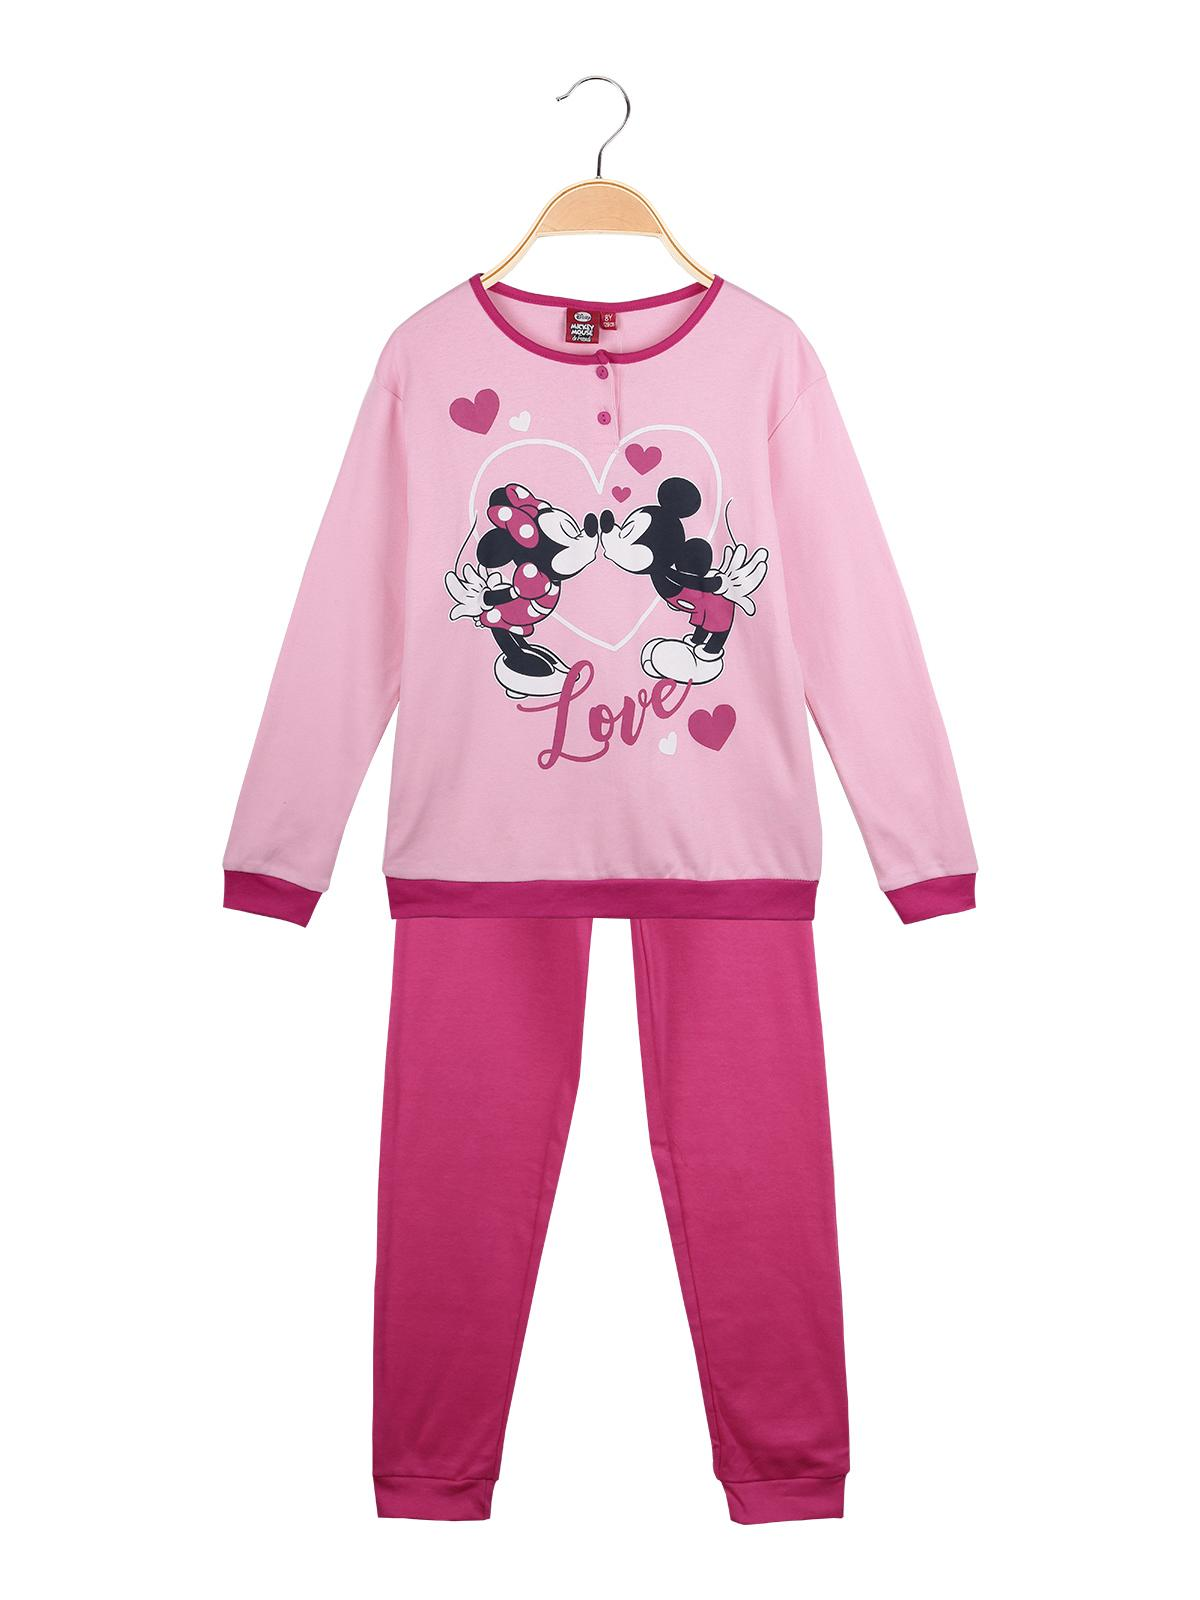 più recente dc253 bc346 Pigiama bambina con stampa topolino e minnie - rosa disney ...